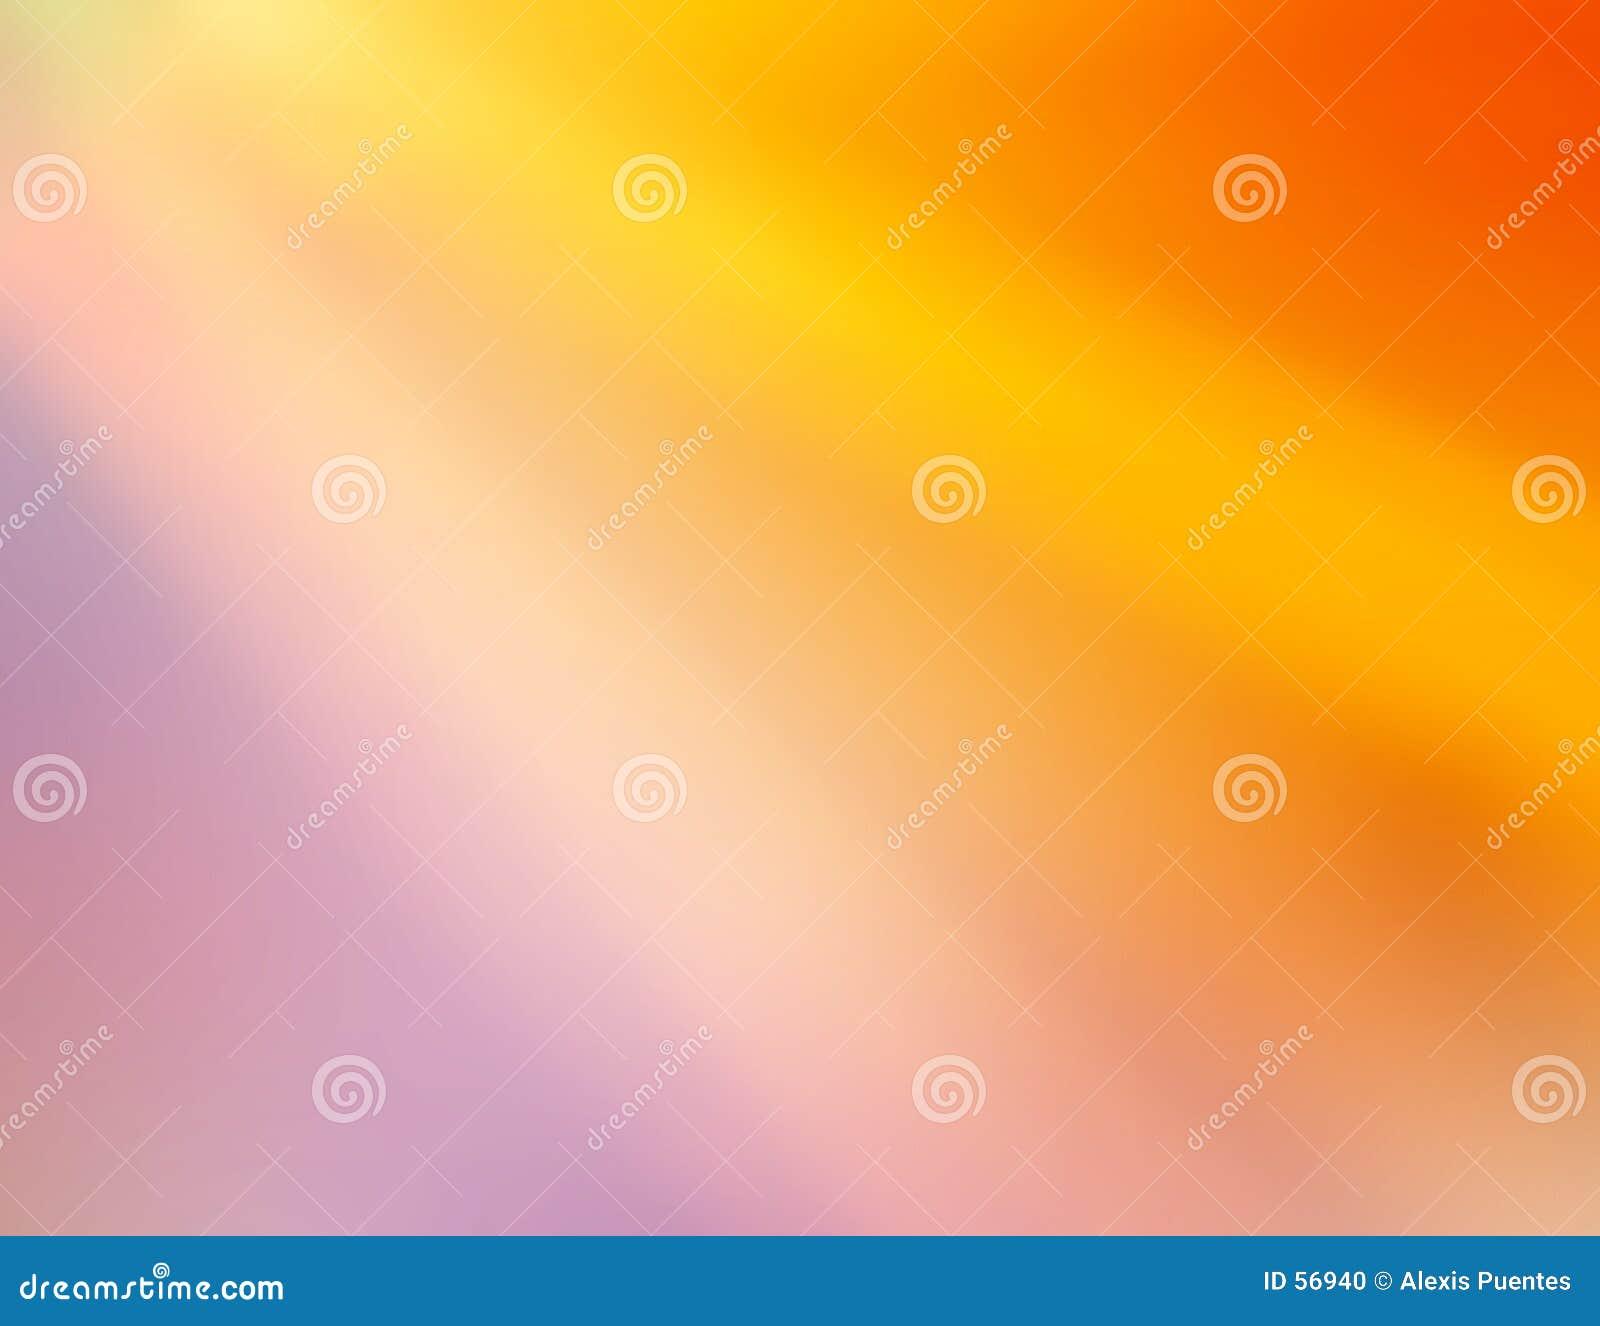 Download Priorità bassa astratta illustrazione di stock. Illustrazione di colorato - 56940